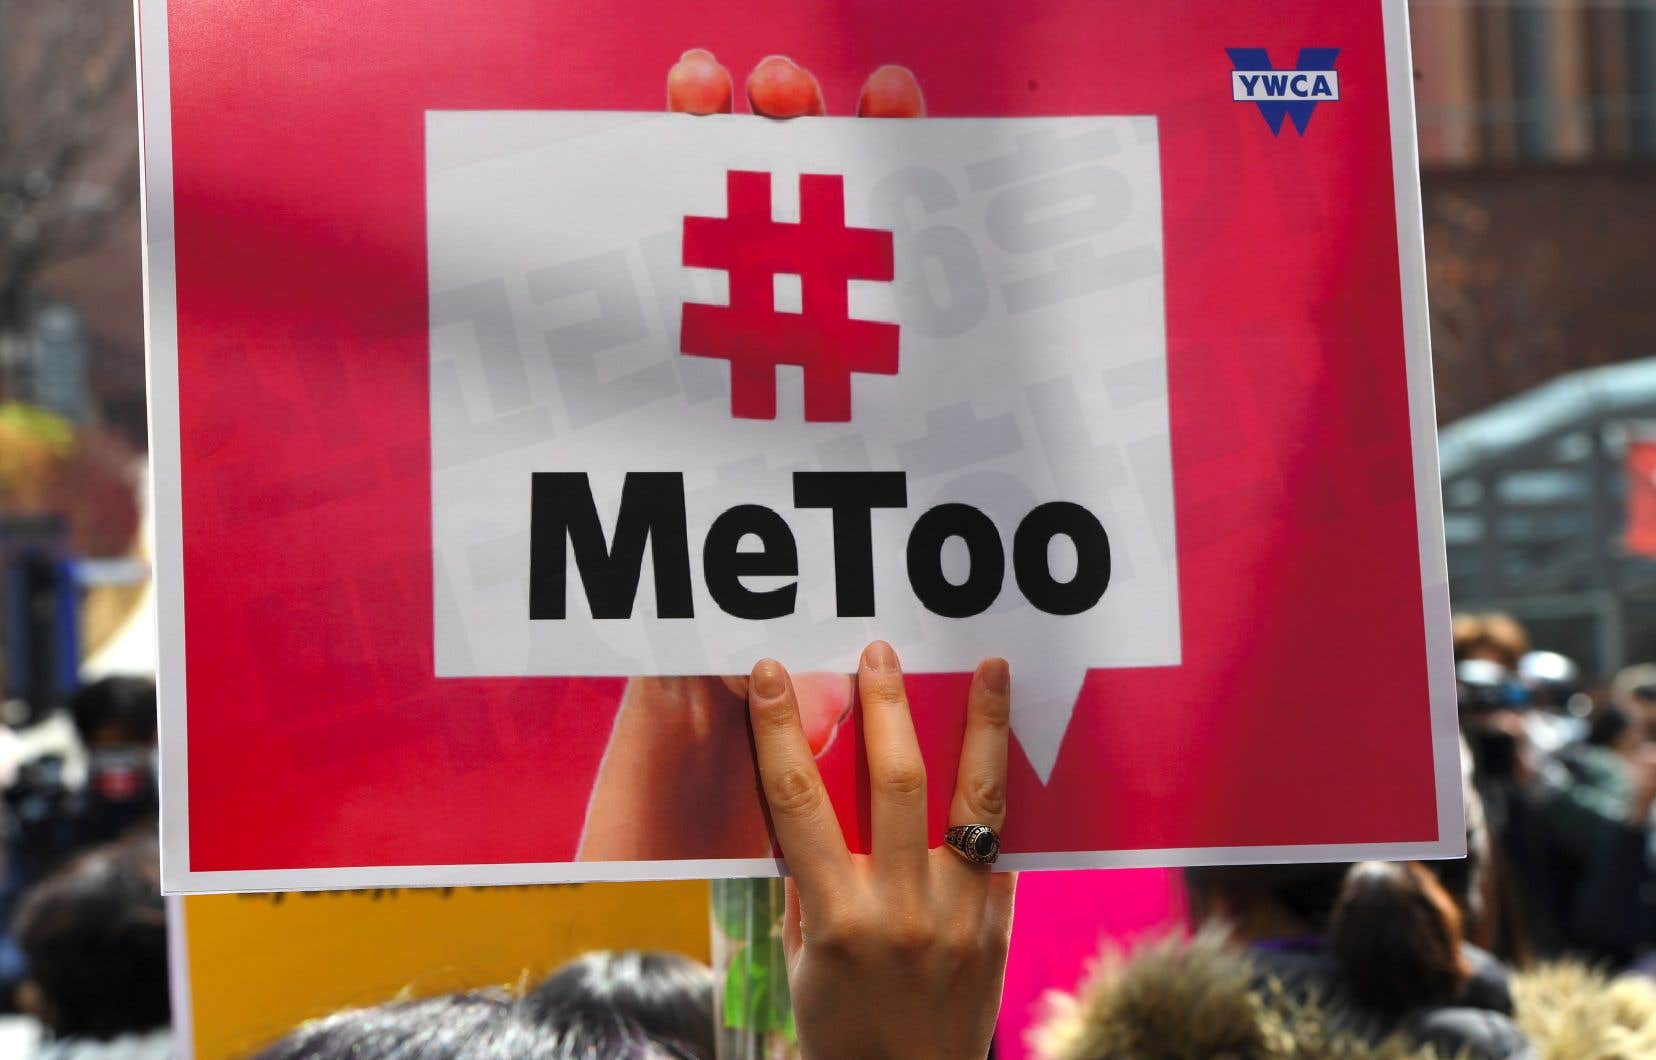 «Dans la foulée du mouvement #MeToo, il y a de ça quelques années déjà, on sentait une certaine volonté politique de changer le système», estime l'autrice.